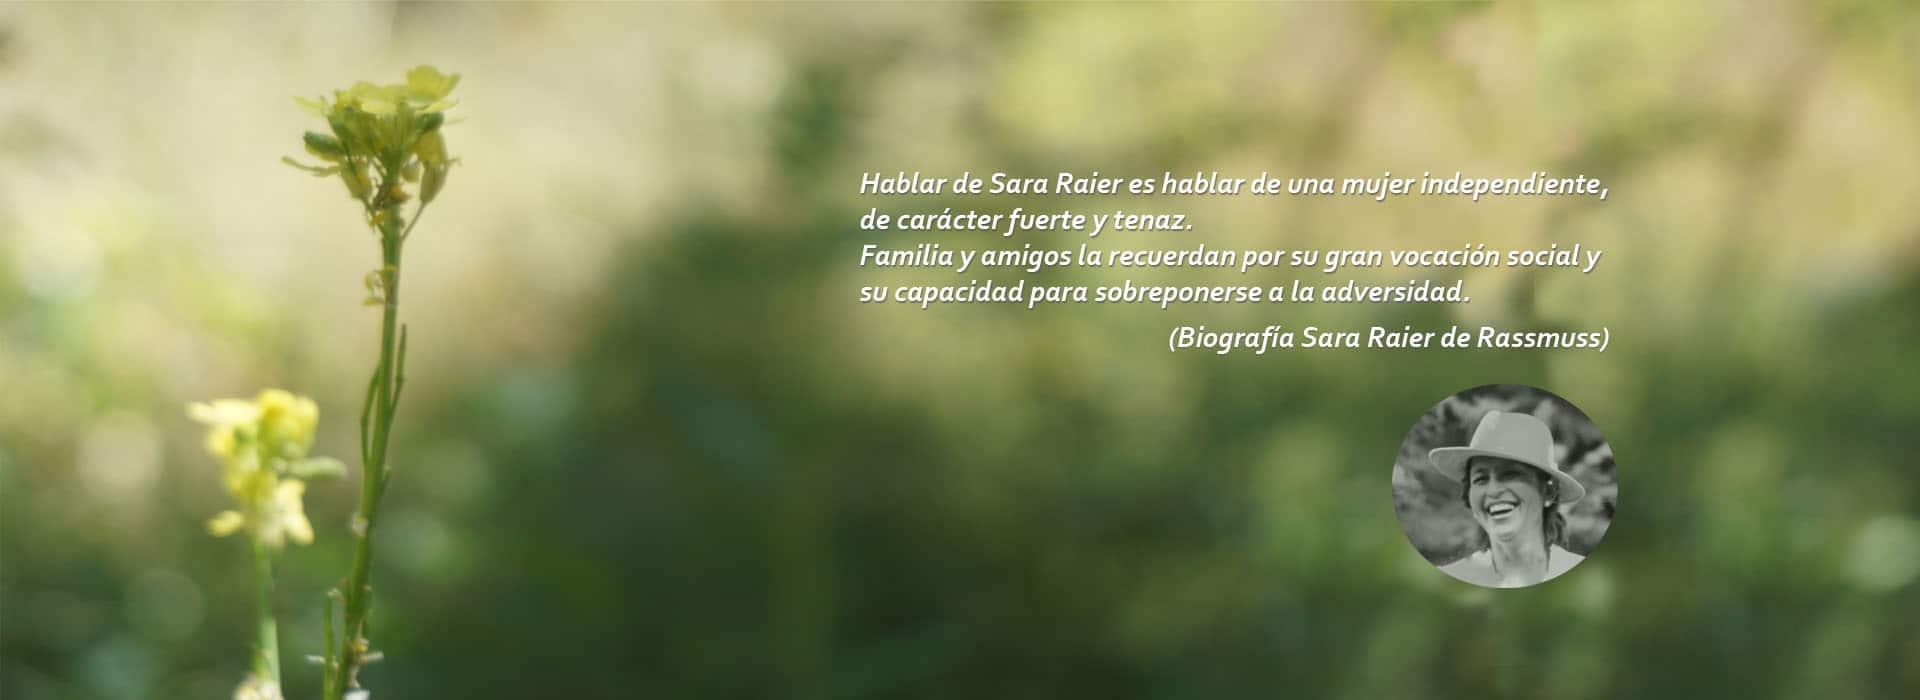 slide-flor-4